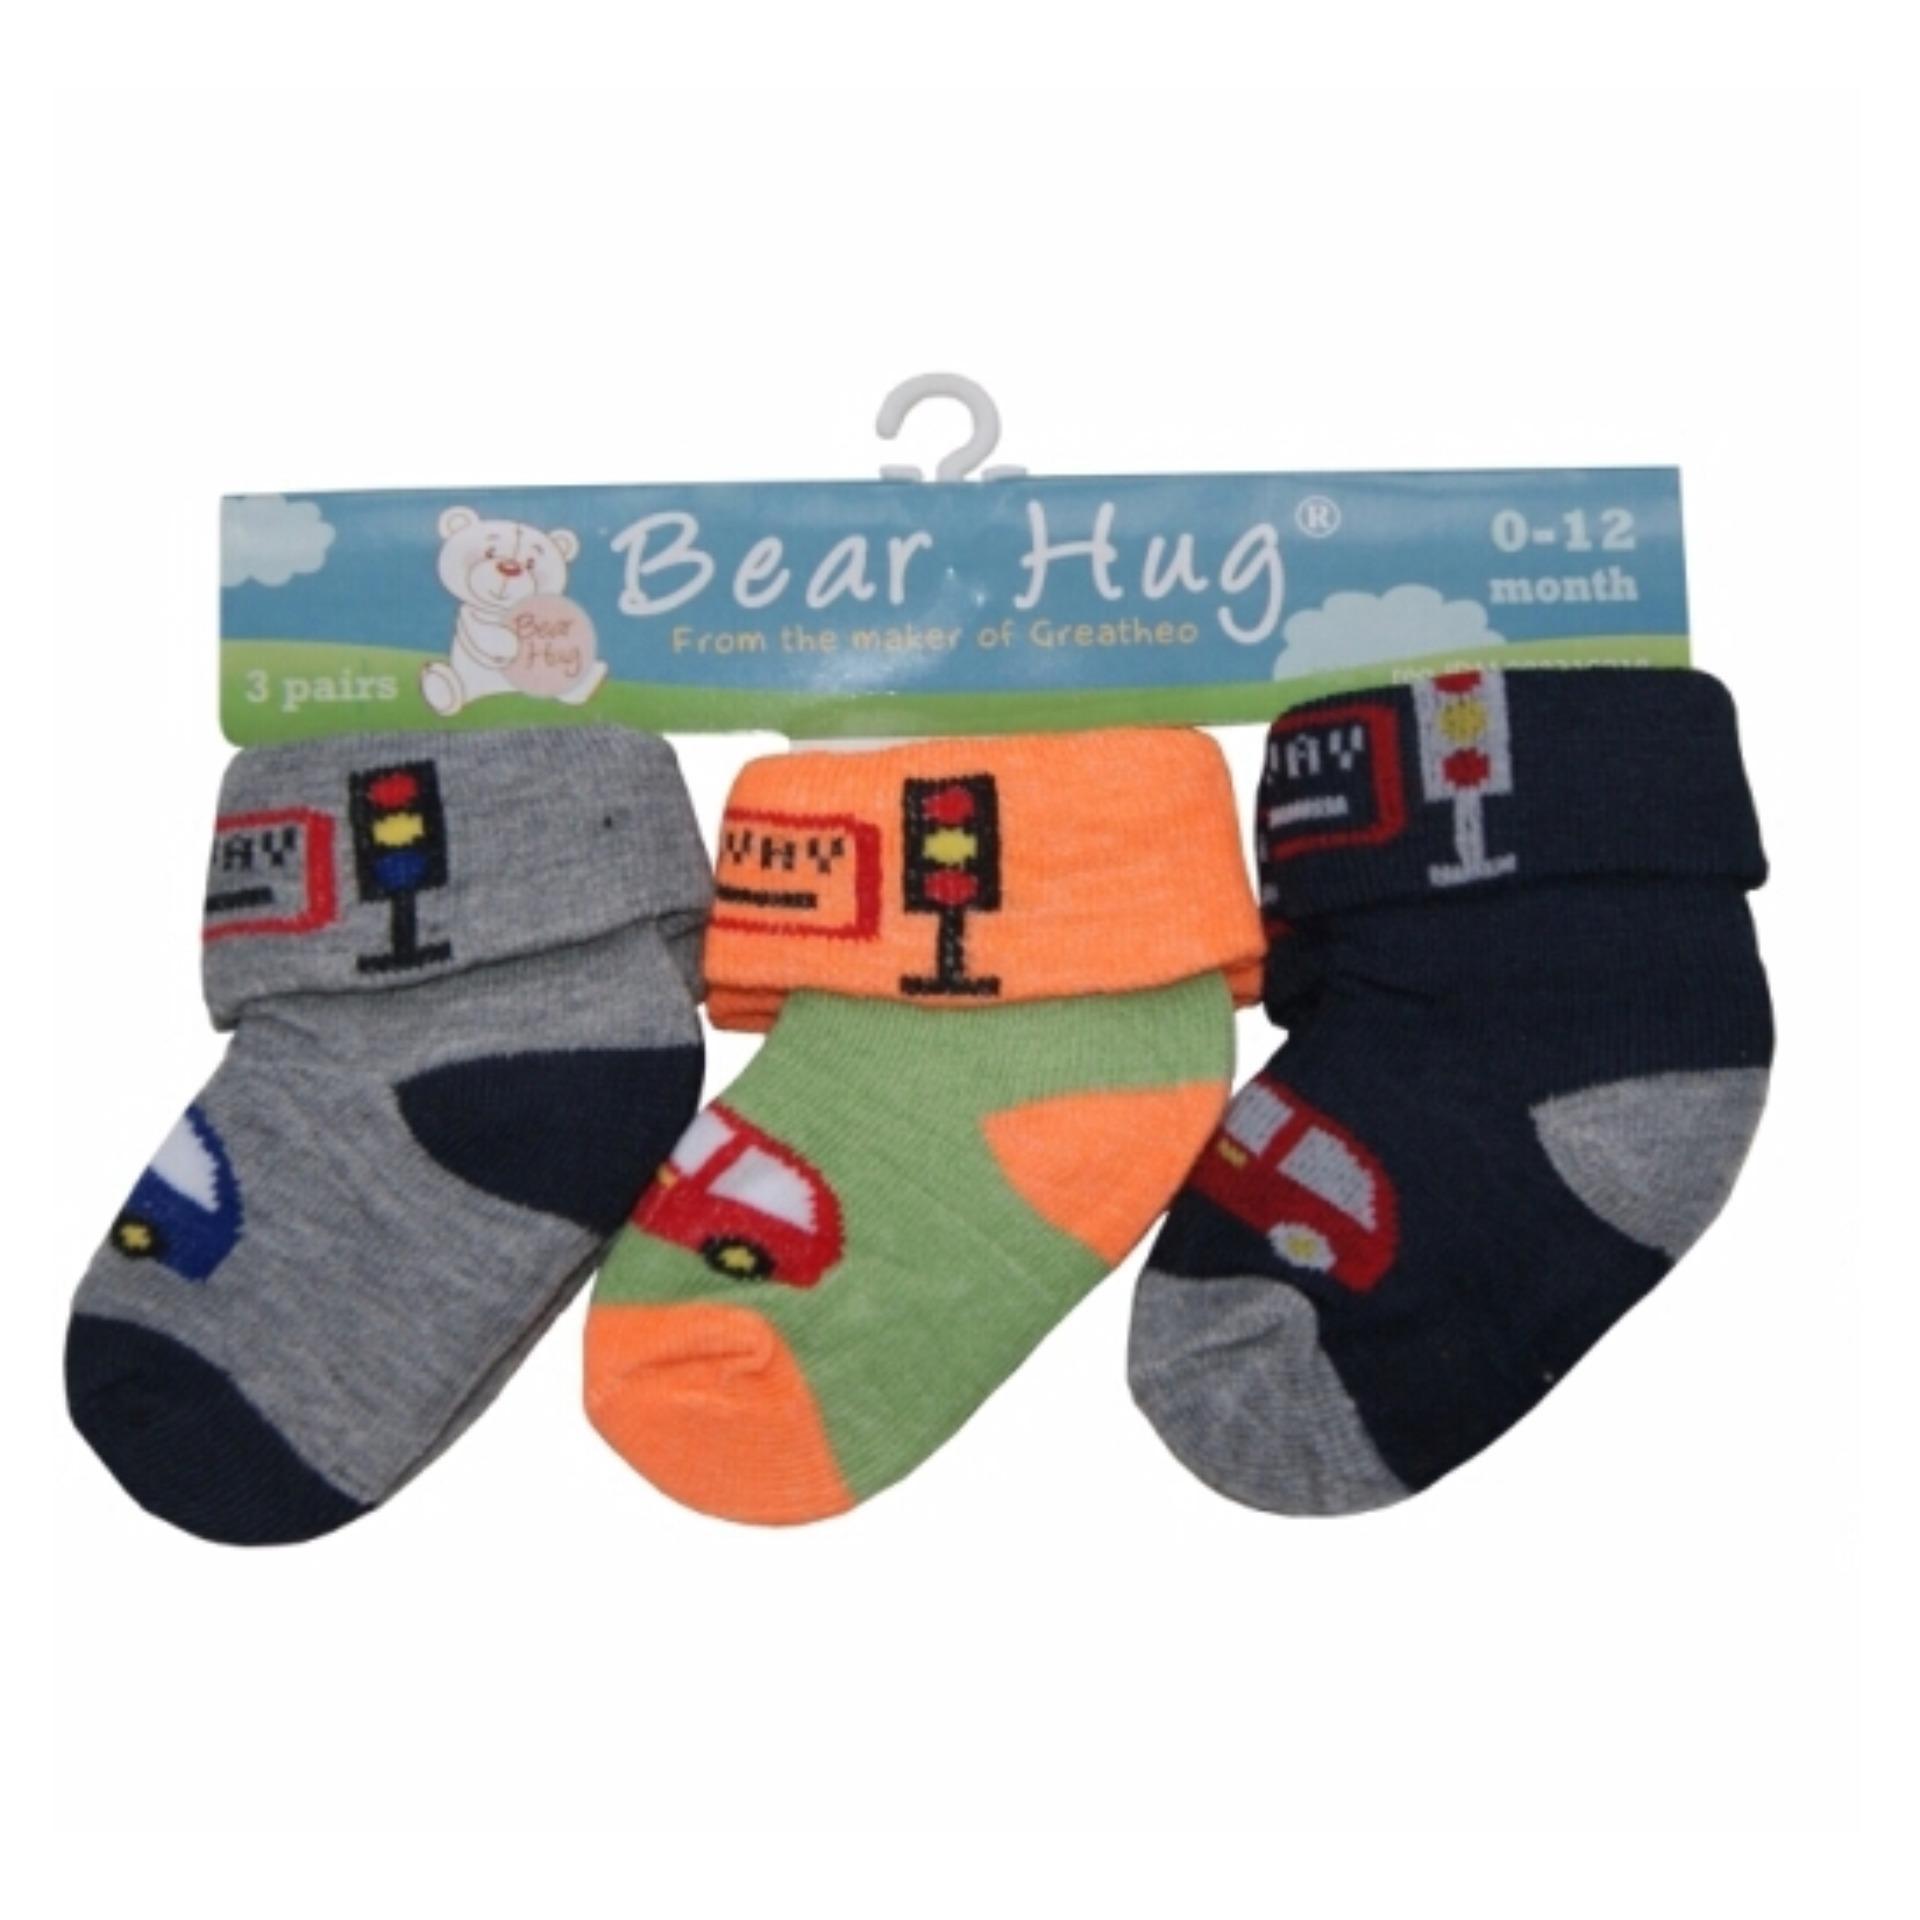 Baby Grow Socks Car 3in1 Packs Girls Set Kaos Kaki Bayi Isi 3 Pasang Uk 6 18 Bulan Kode Bg 1 Talk Bear Hug